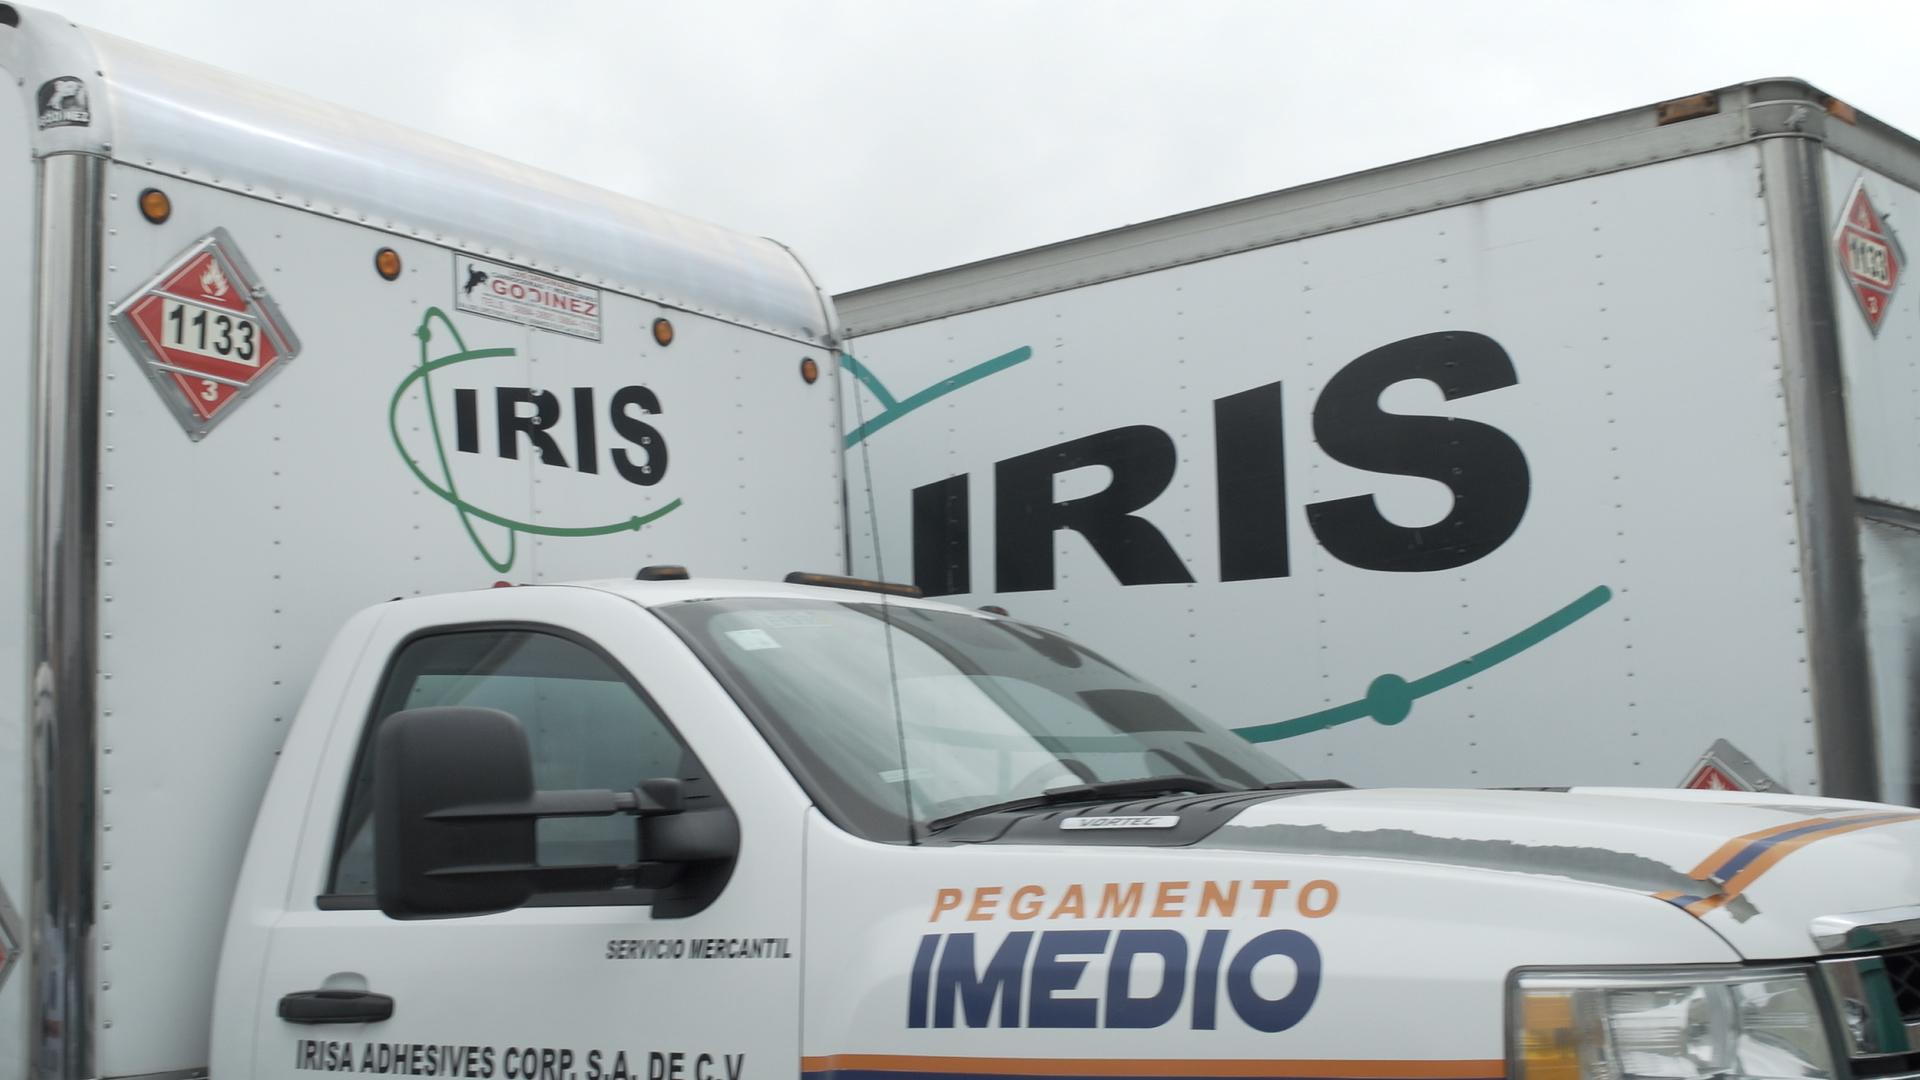 Iris historia